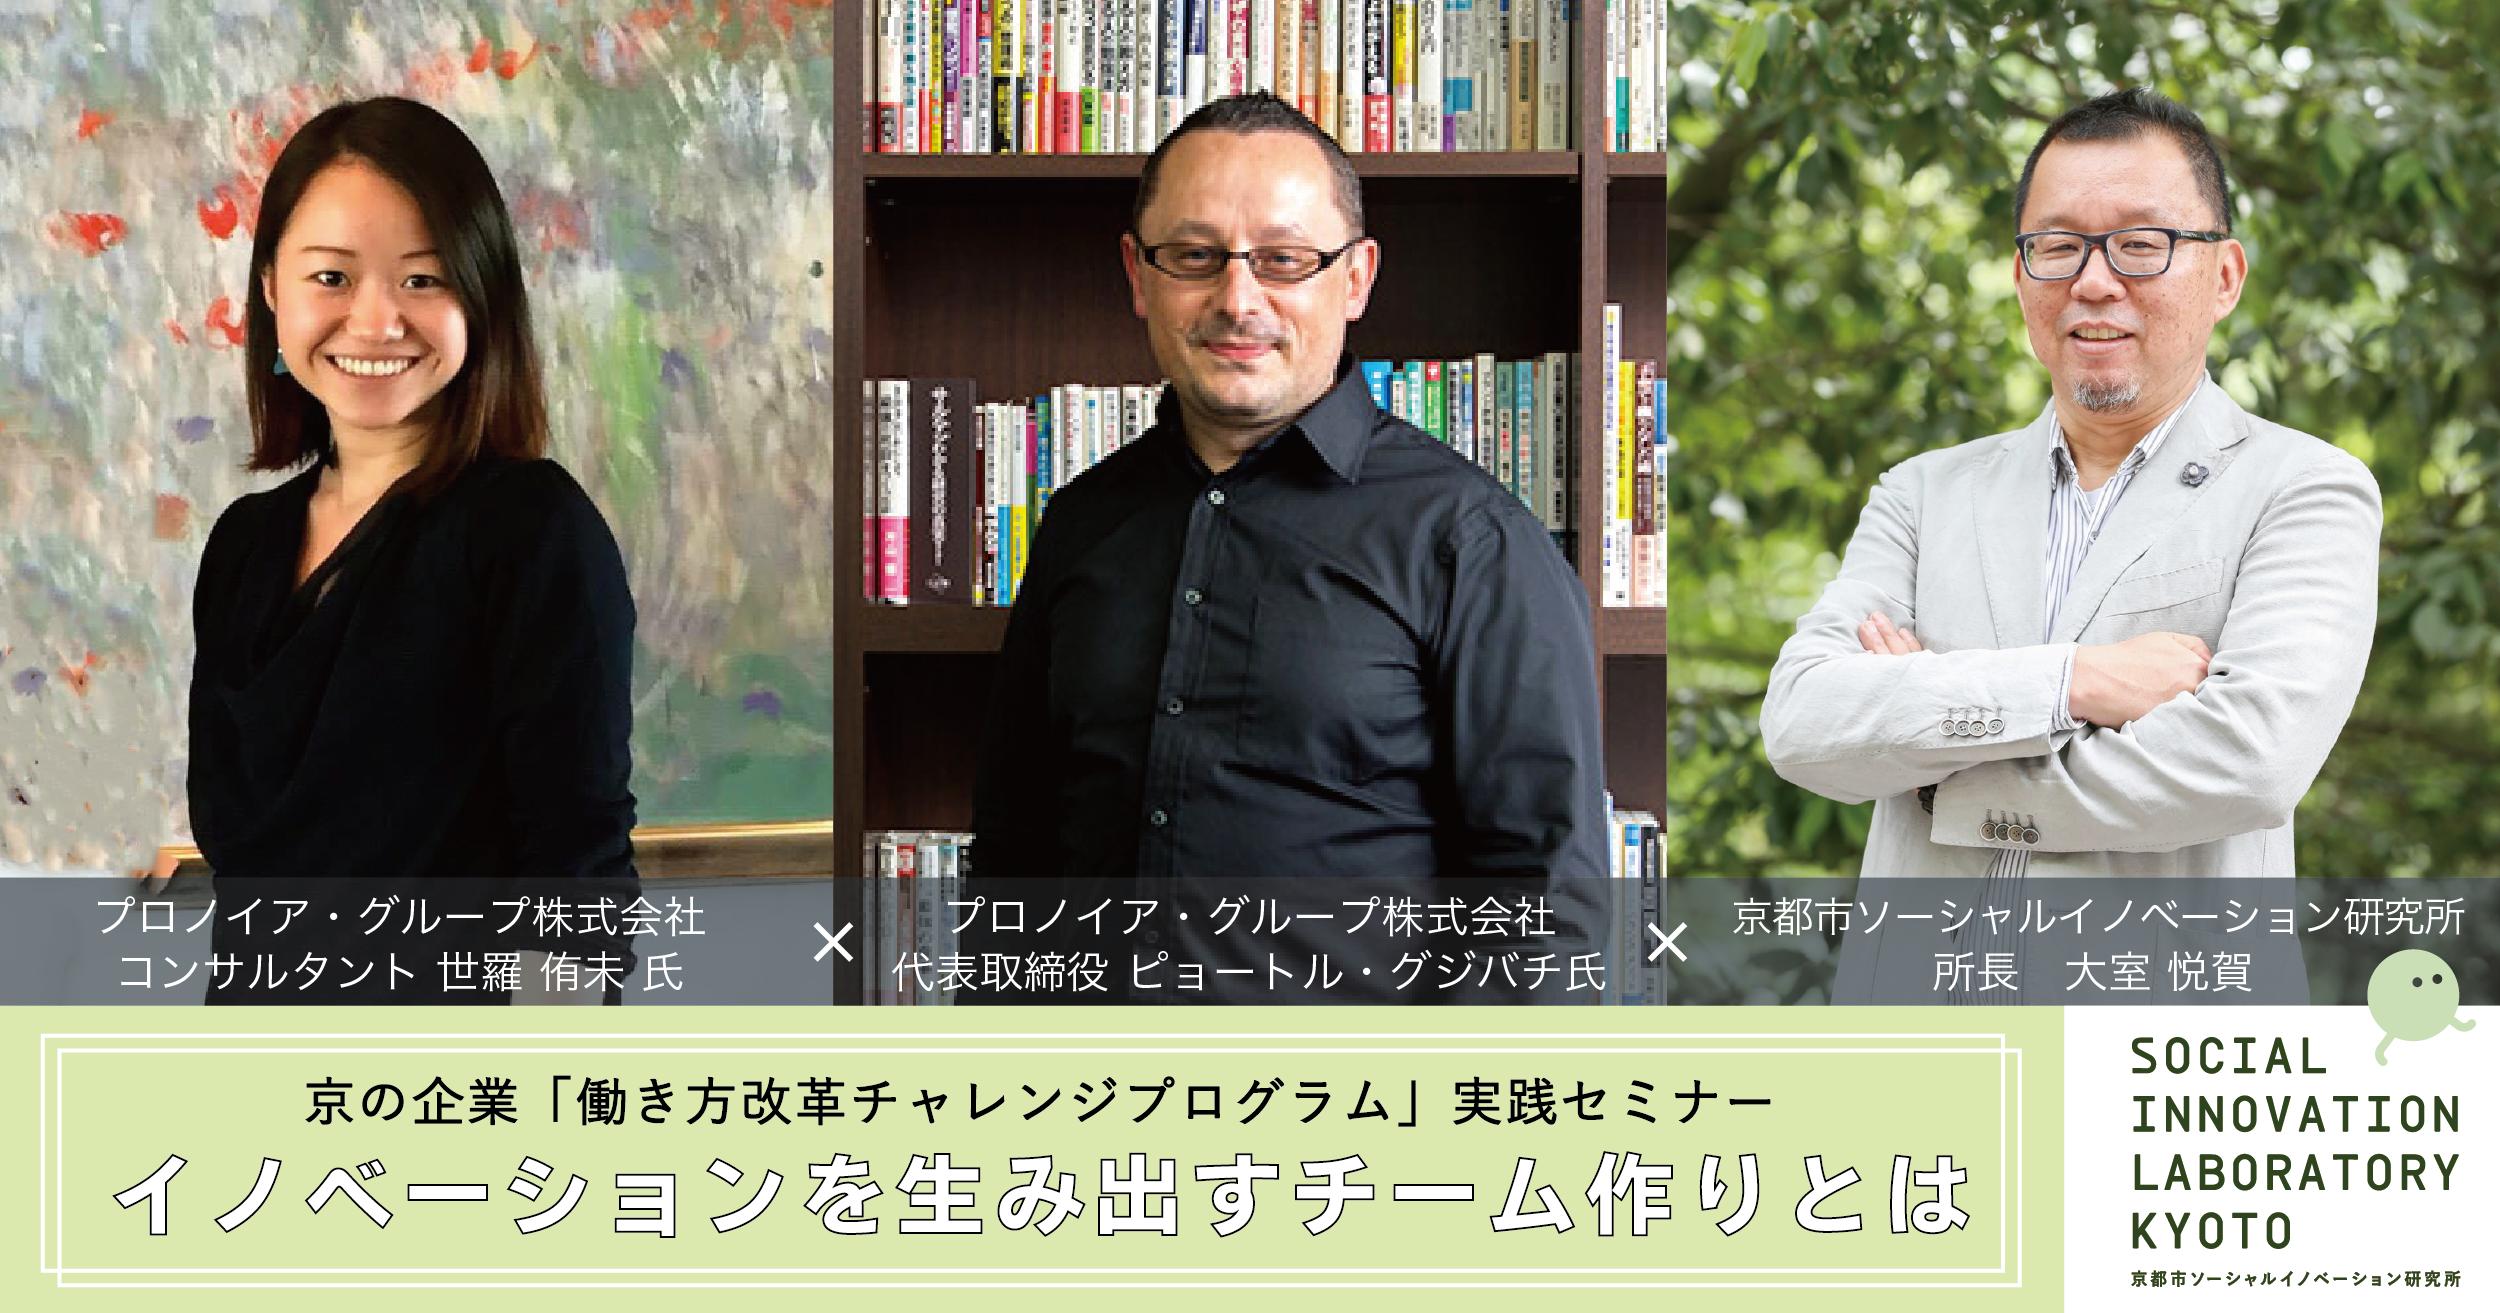 【満員御礼】京の企業「働き方改革チャレンジプログラム」実践セミナー<br>〜イノベーションを生み出すチーム作りとは〜